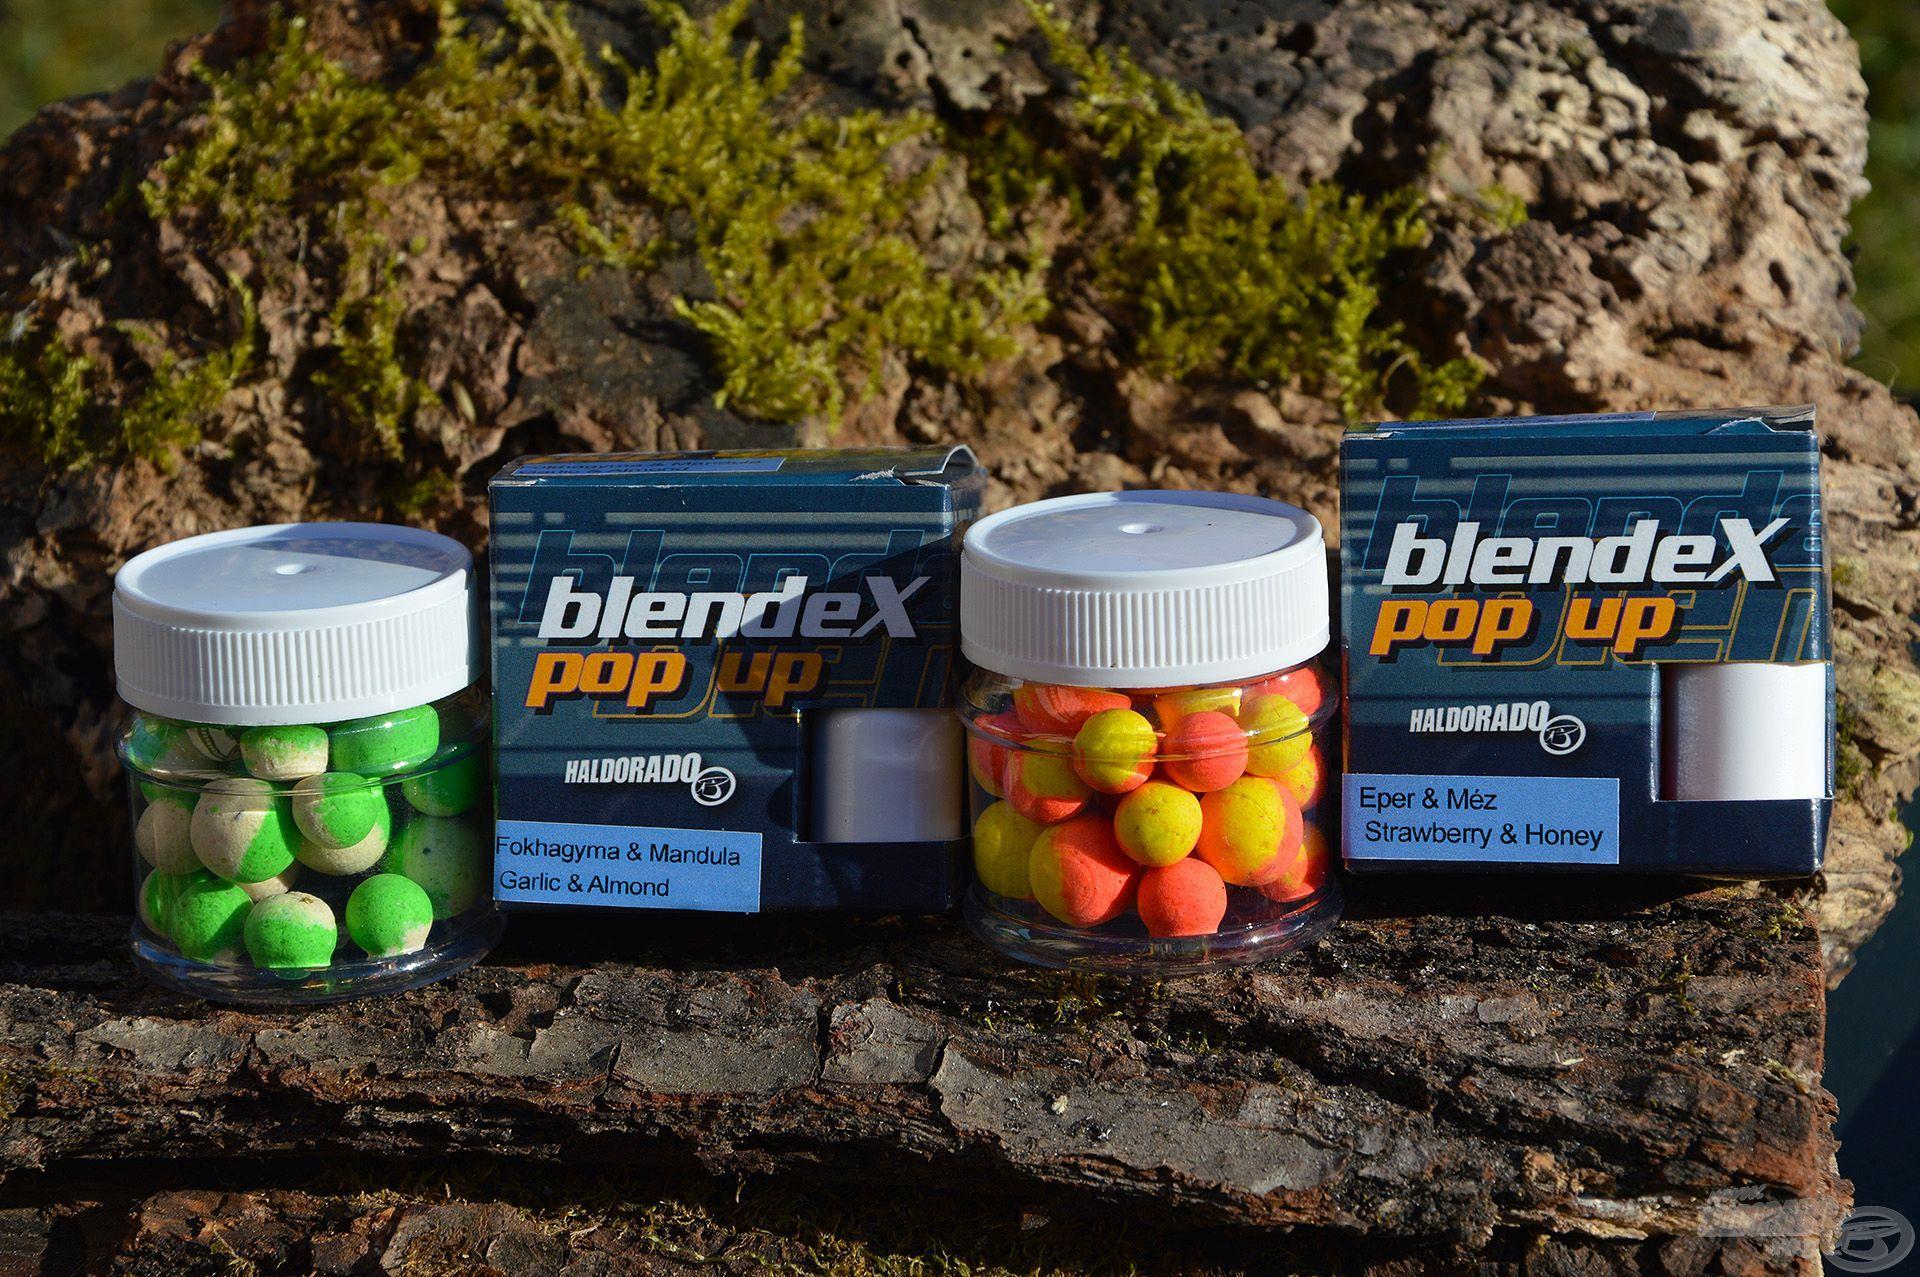 A BlendeX Pop Up csali családból két tavaszi kedvencem az Eper & Méz és a Fokhagyma & Mandula